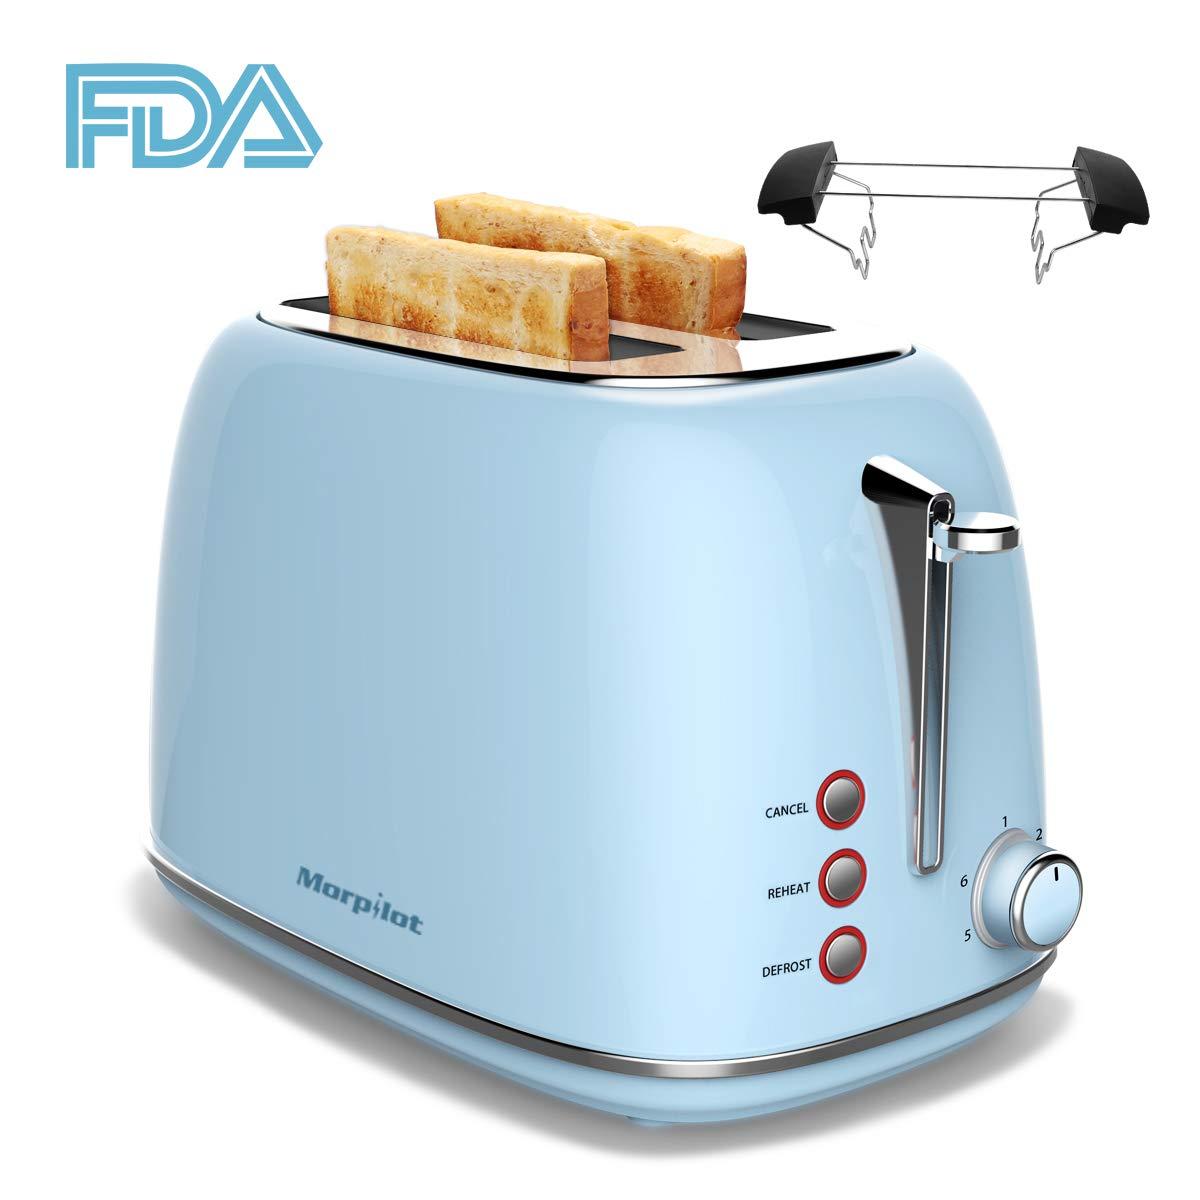 Toaster-Edelstahl-2-Scheiben-morpilot-Toaster-mit-Abnehmbarem-Brtchenaufsatz-und-Herausnehmbarer-Krmelschublade-6-Brunungsstufen-Auftaufunktion-Aufwrmfunktion-815W-Blau